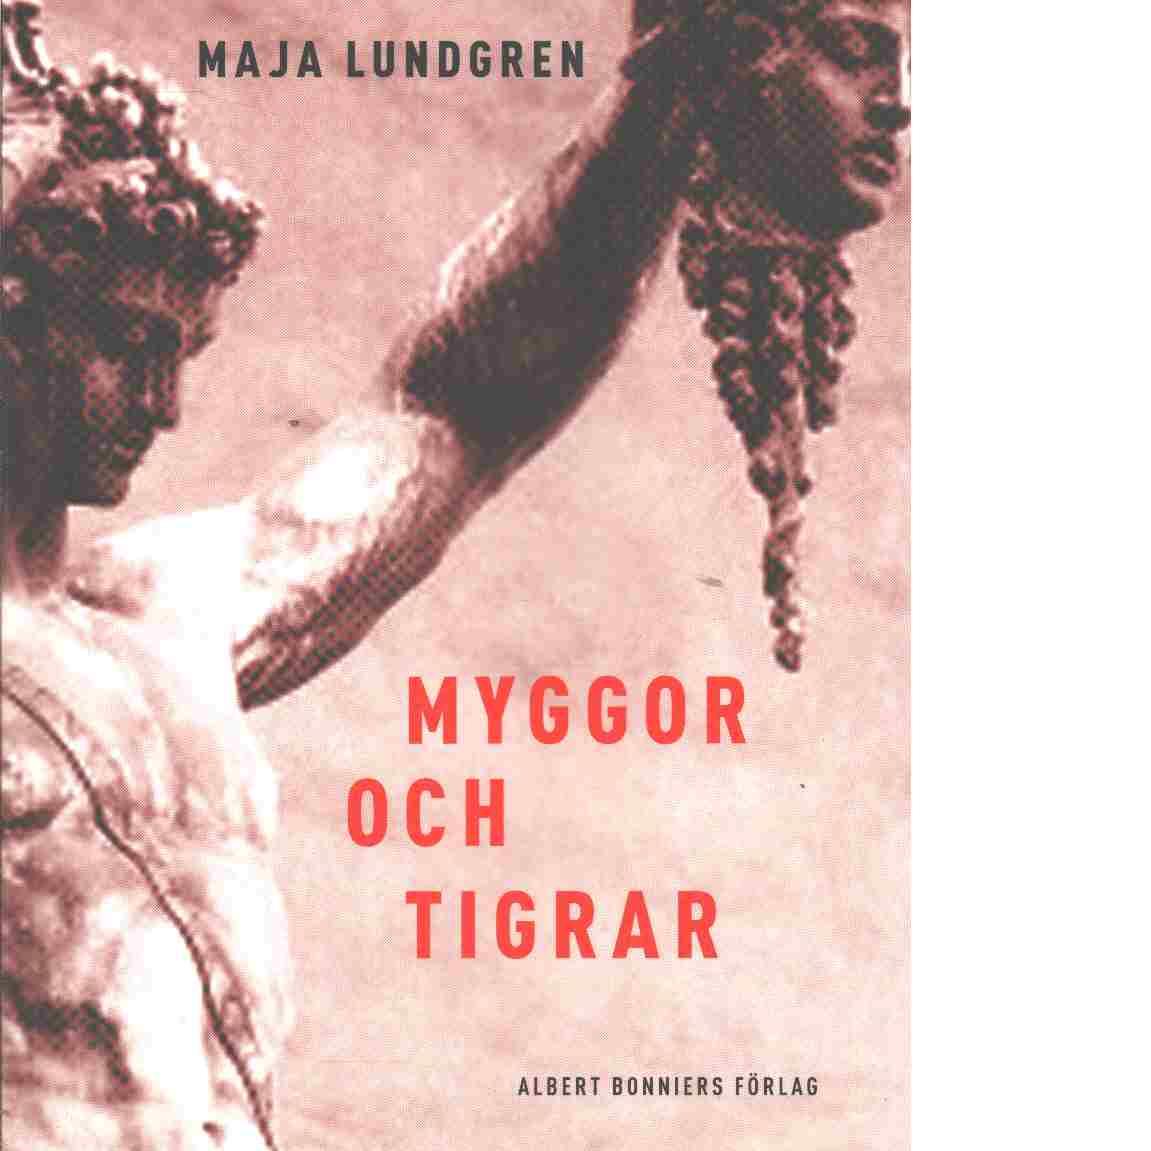 Myggor och tigrar - Lundgren, Maja